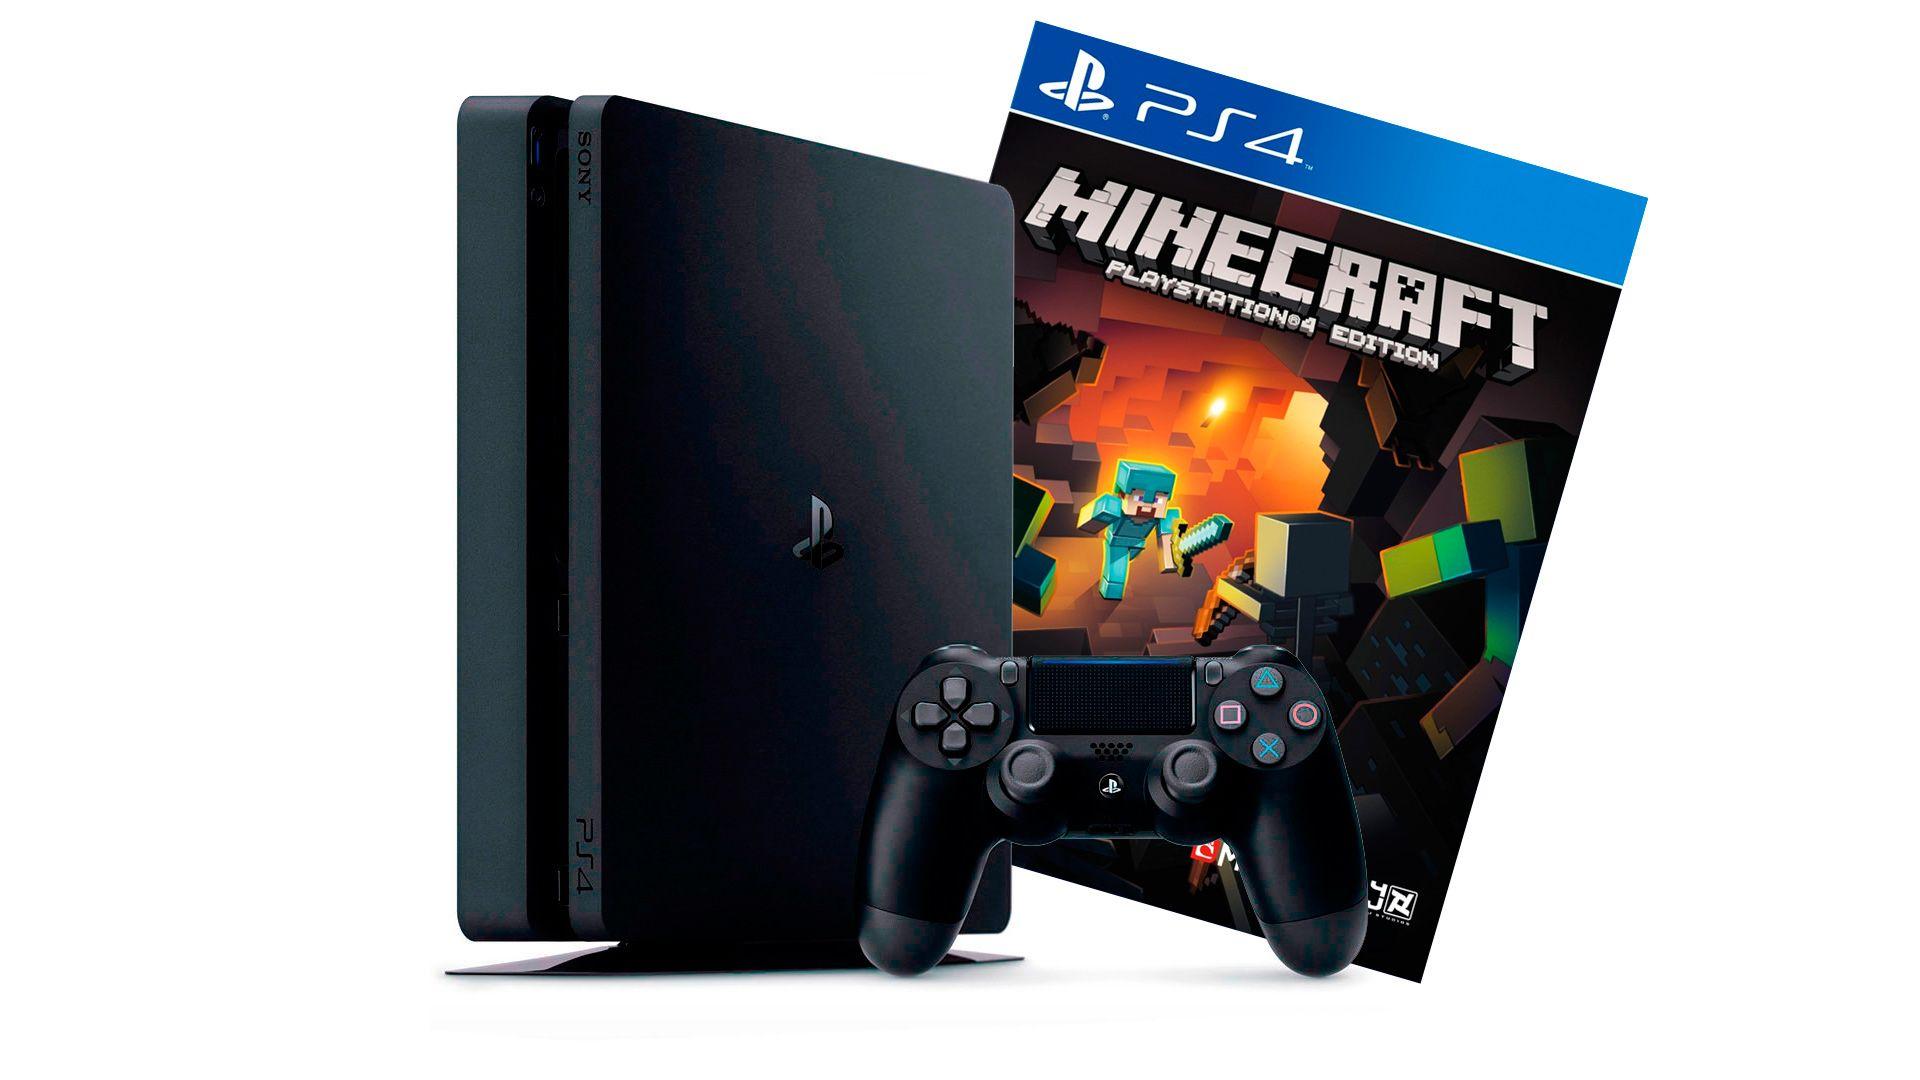 PlayStation 4 Slim 1Tb игровая приставка с игрой Minecraft [PS4S1MK]